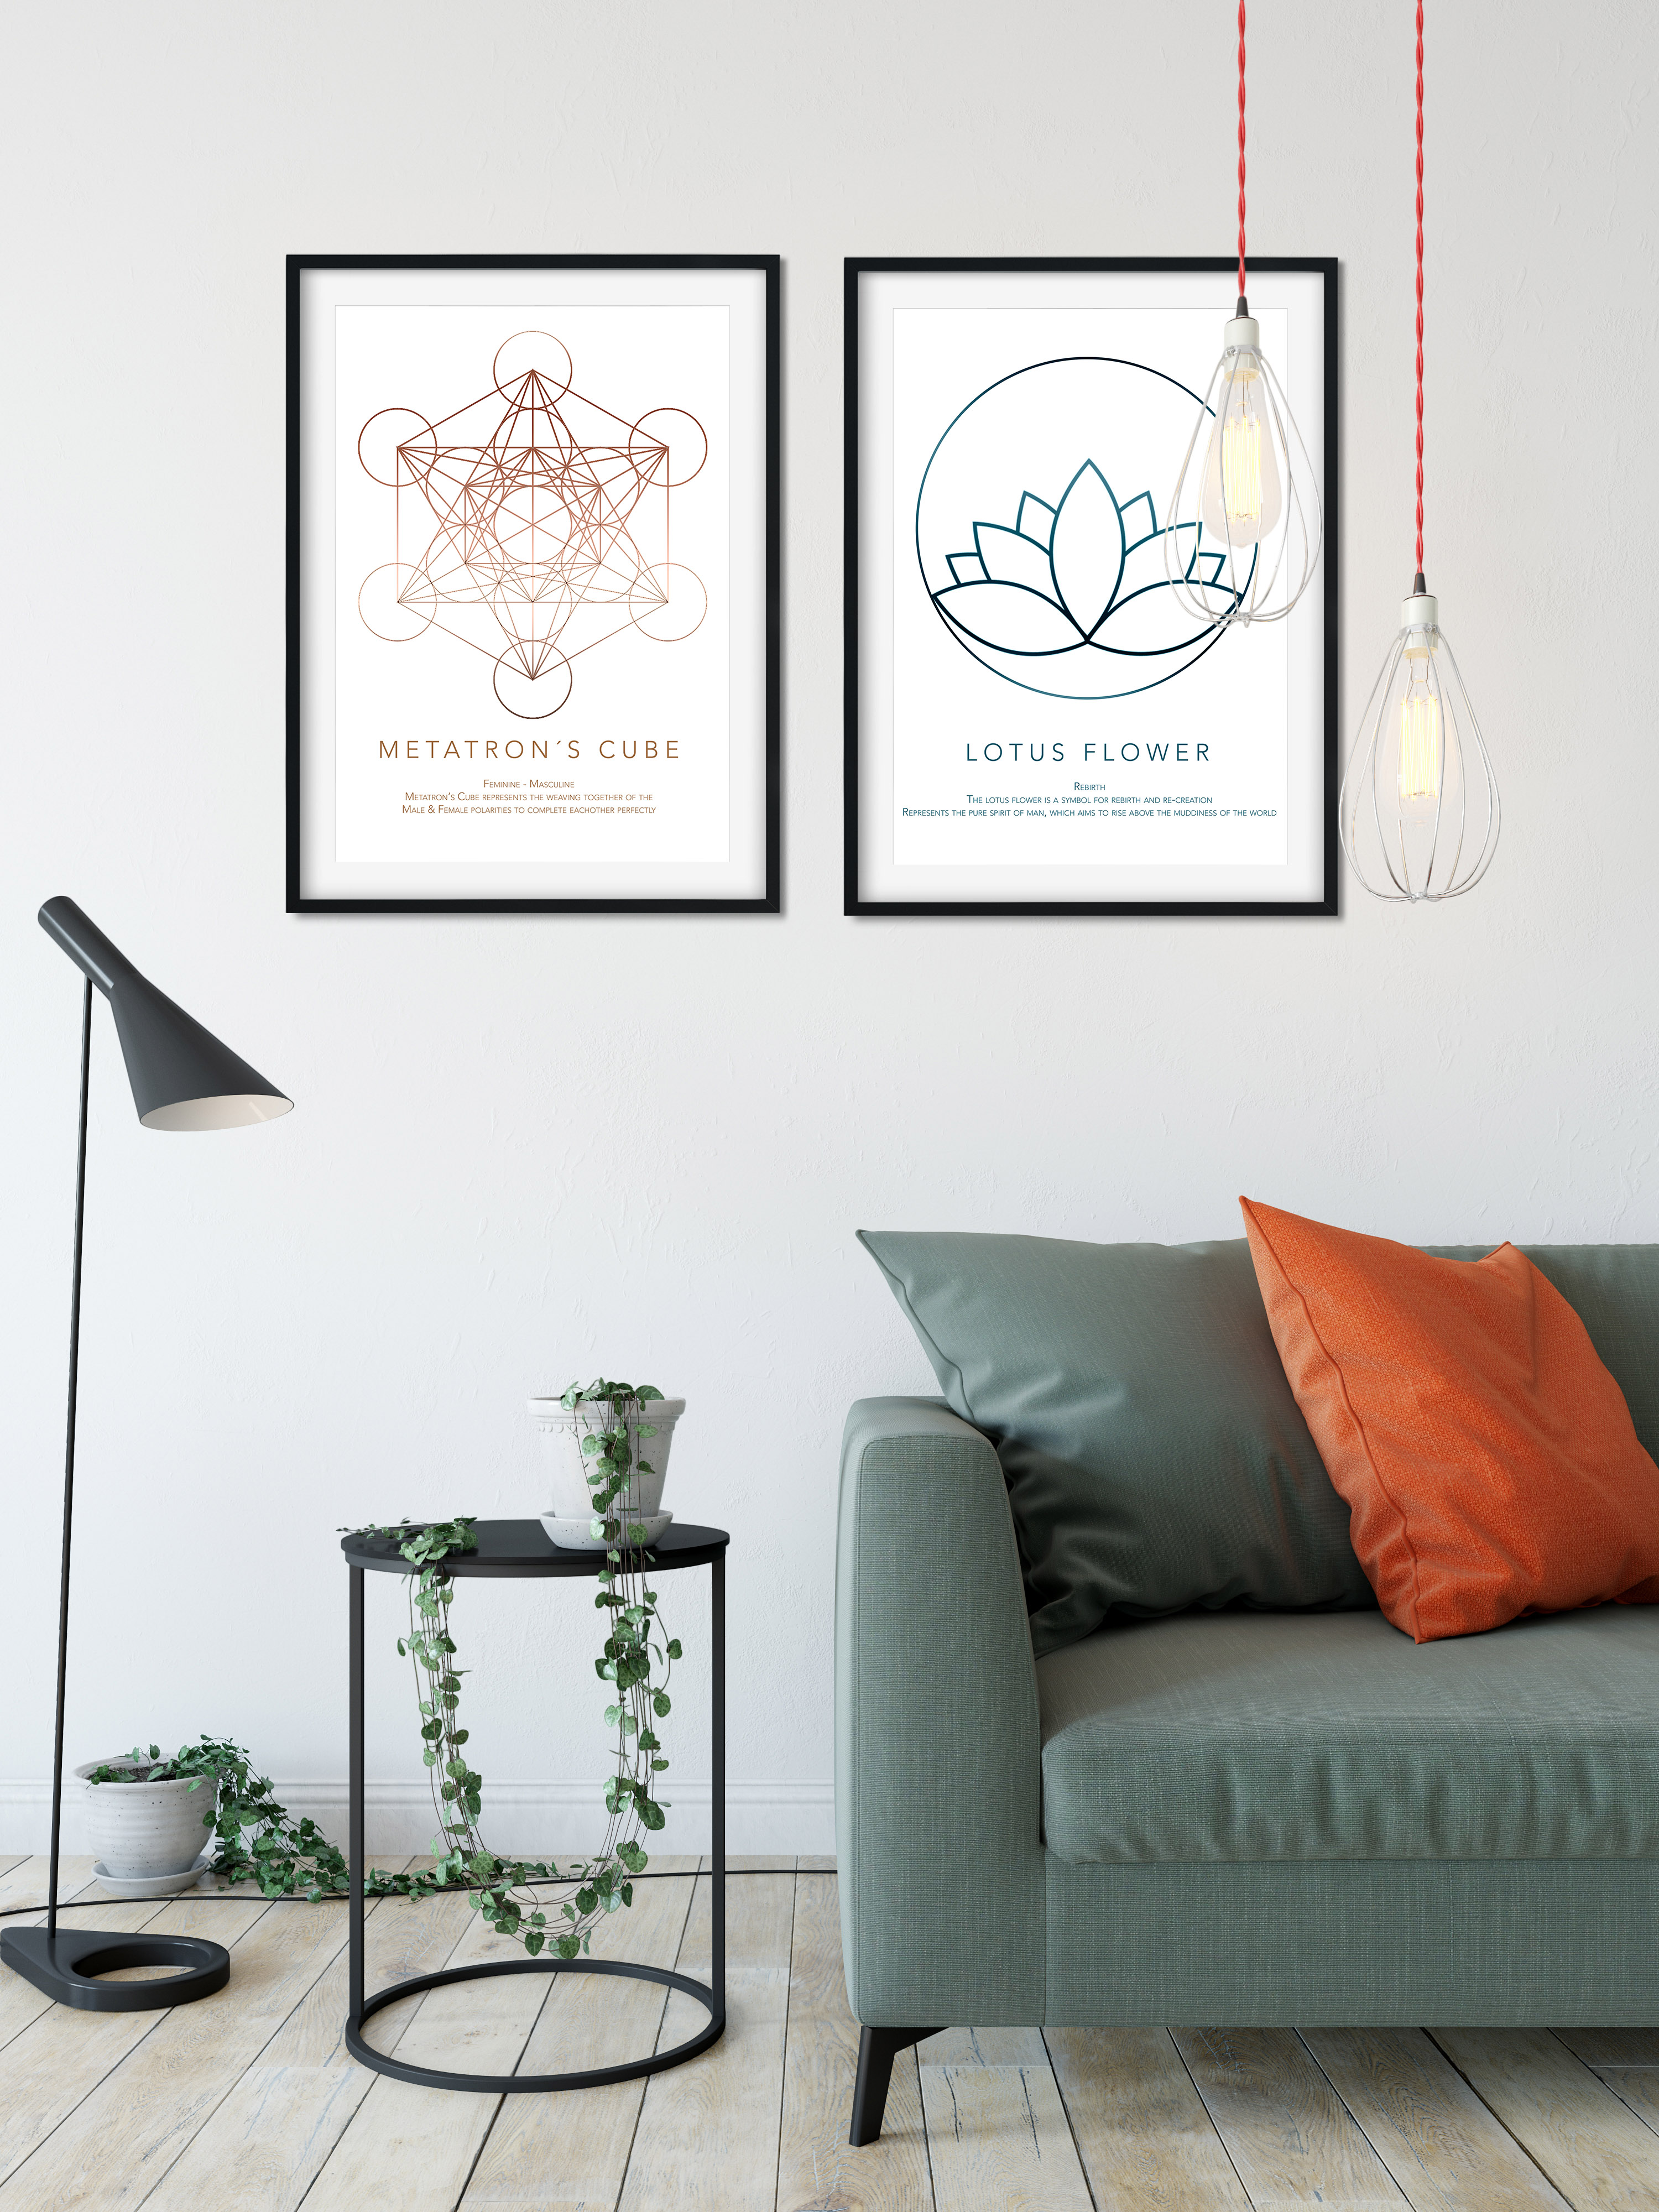 moderne plakater til hjemmet